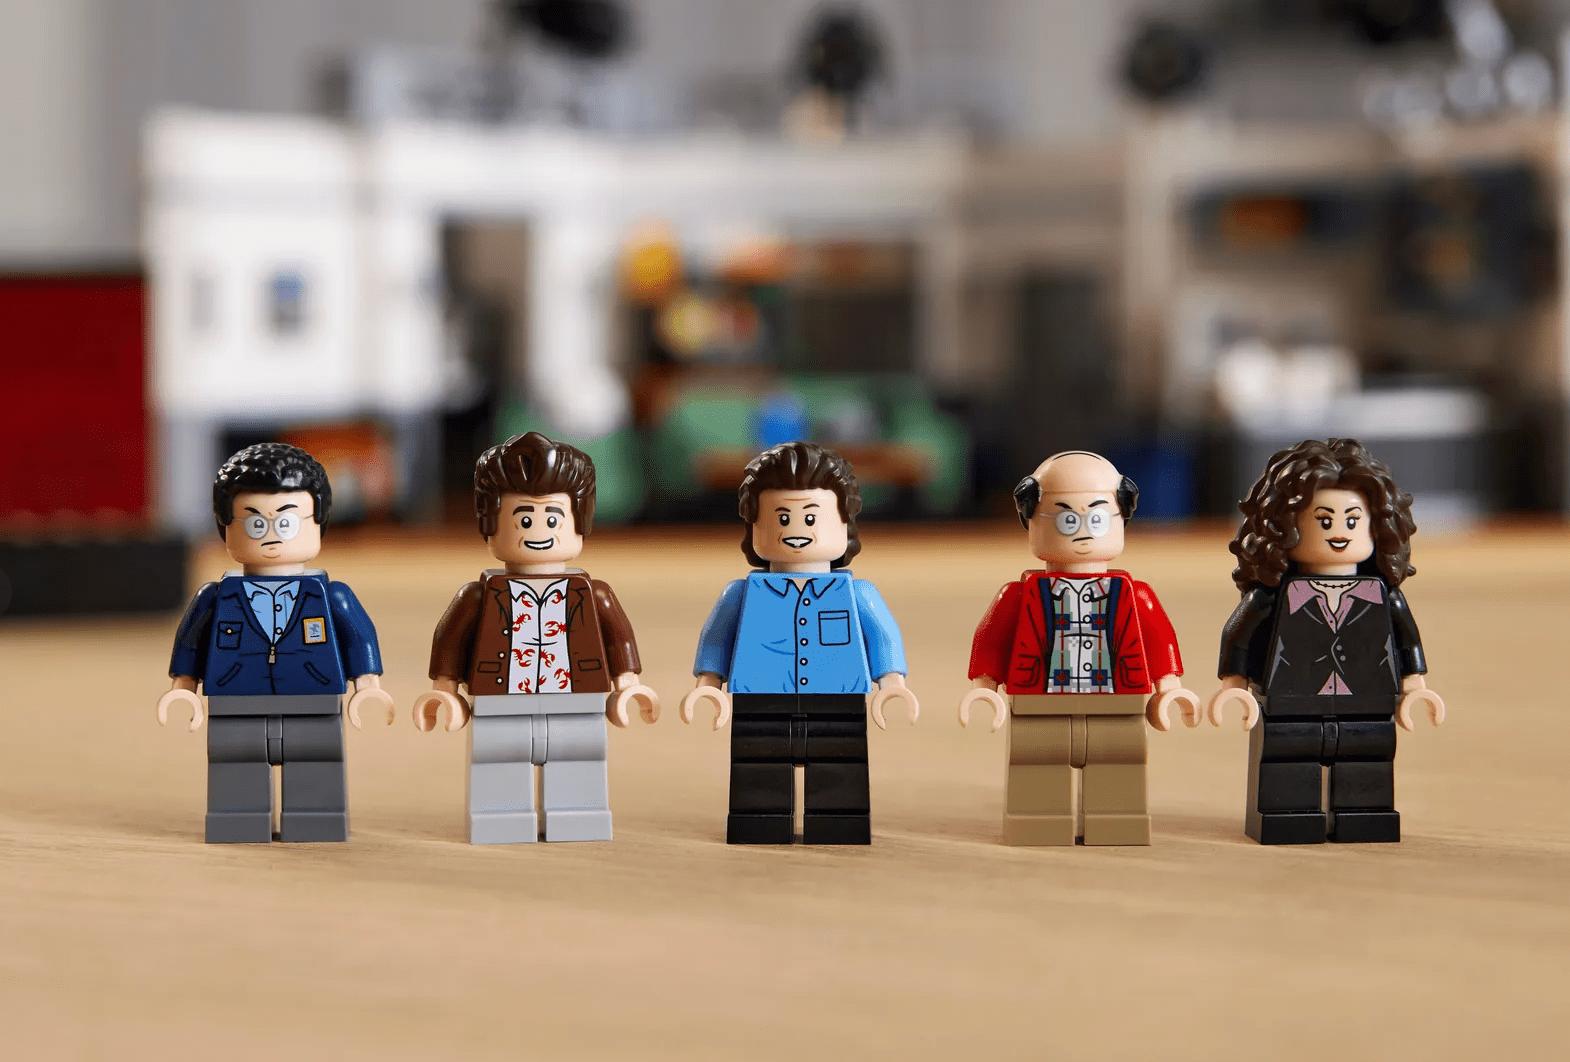 Tomen todo mi dinero: ¡LEGO lanzará un nuevo set de 'Seinfeld' para los fans true!